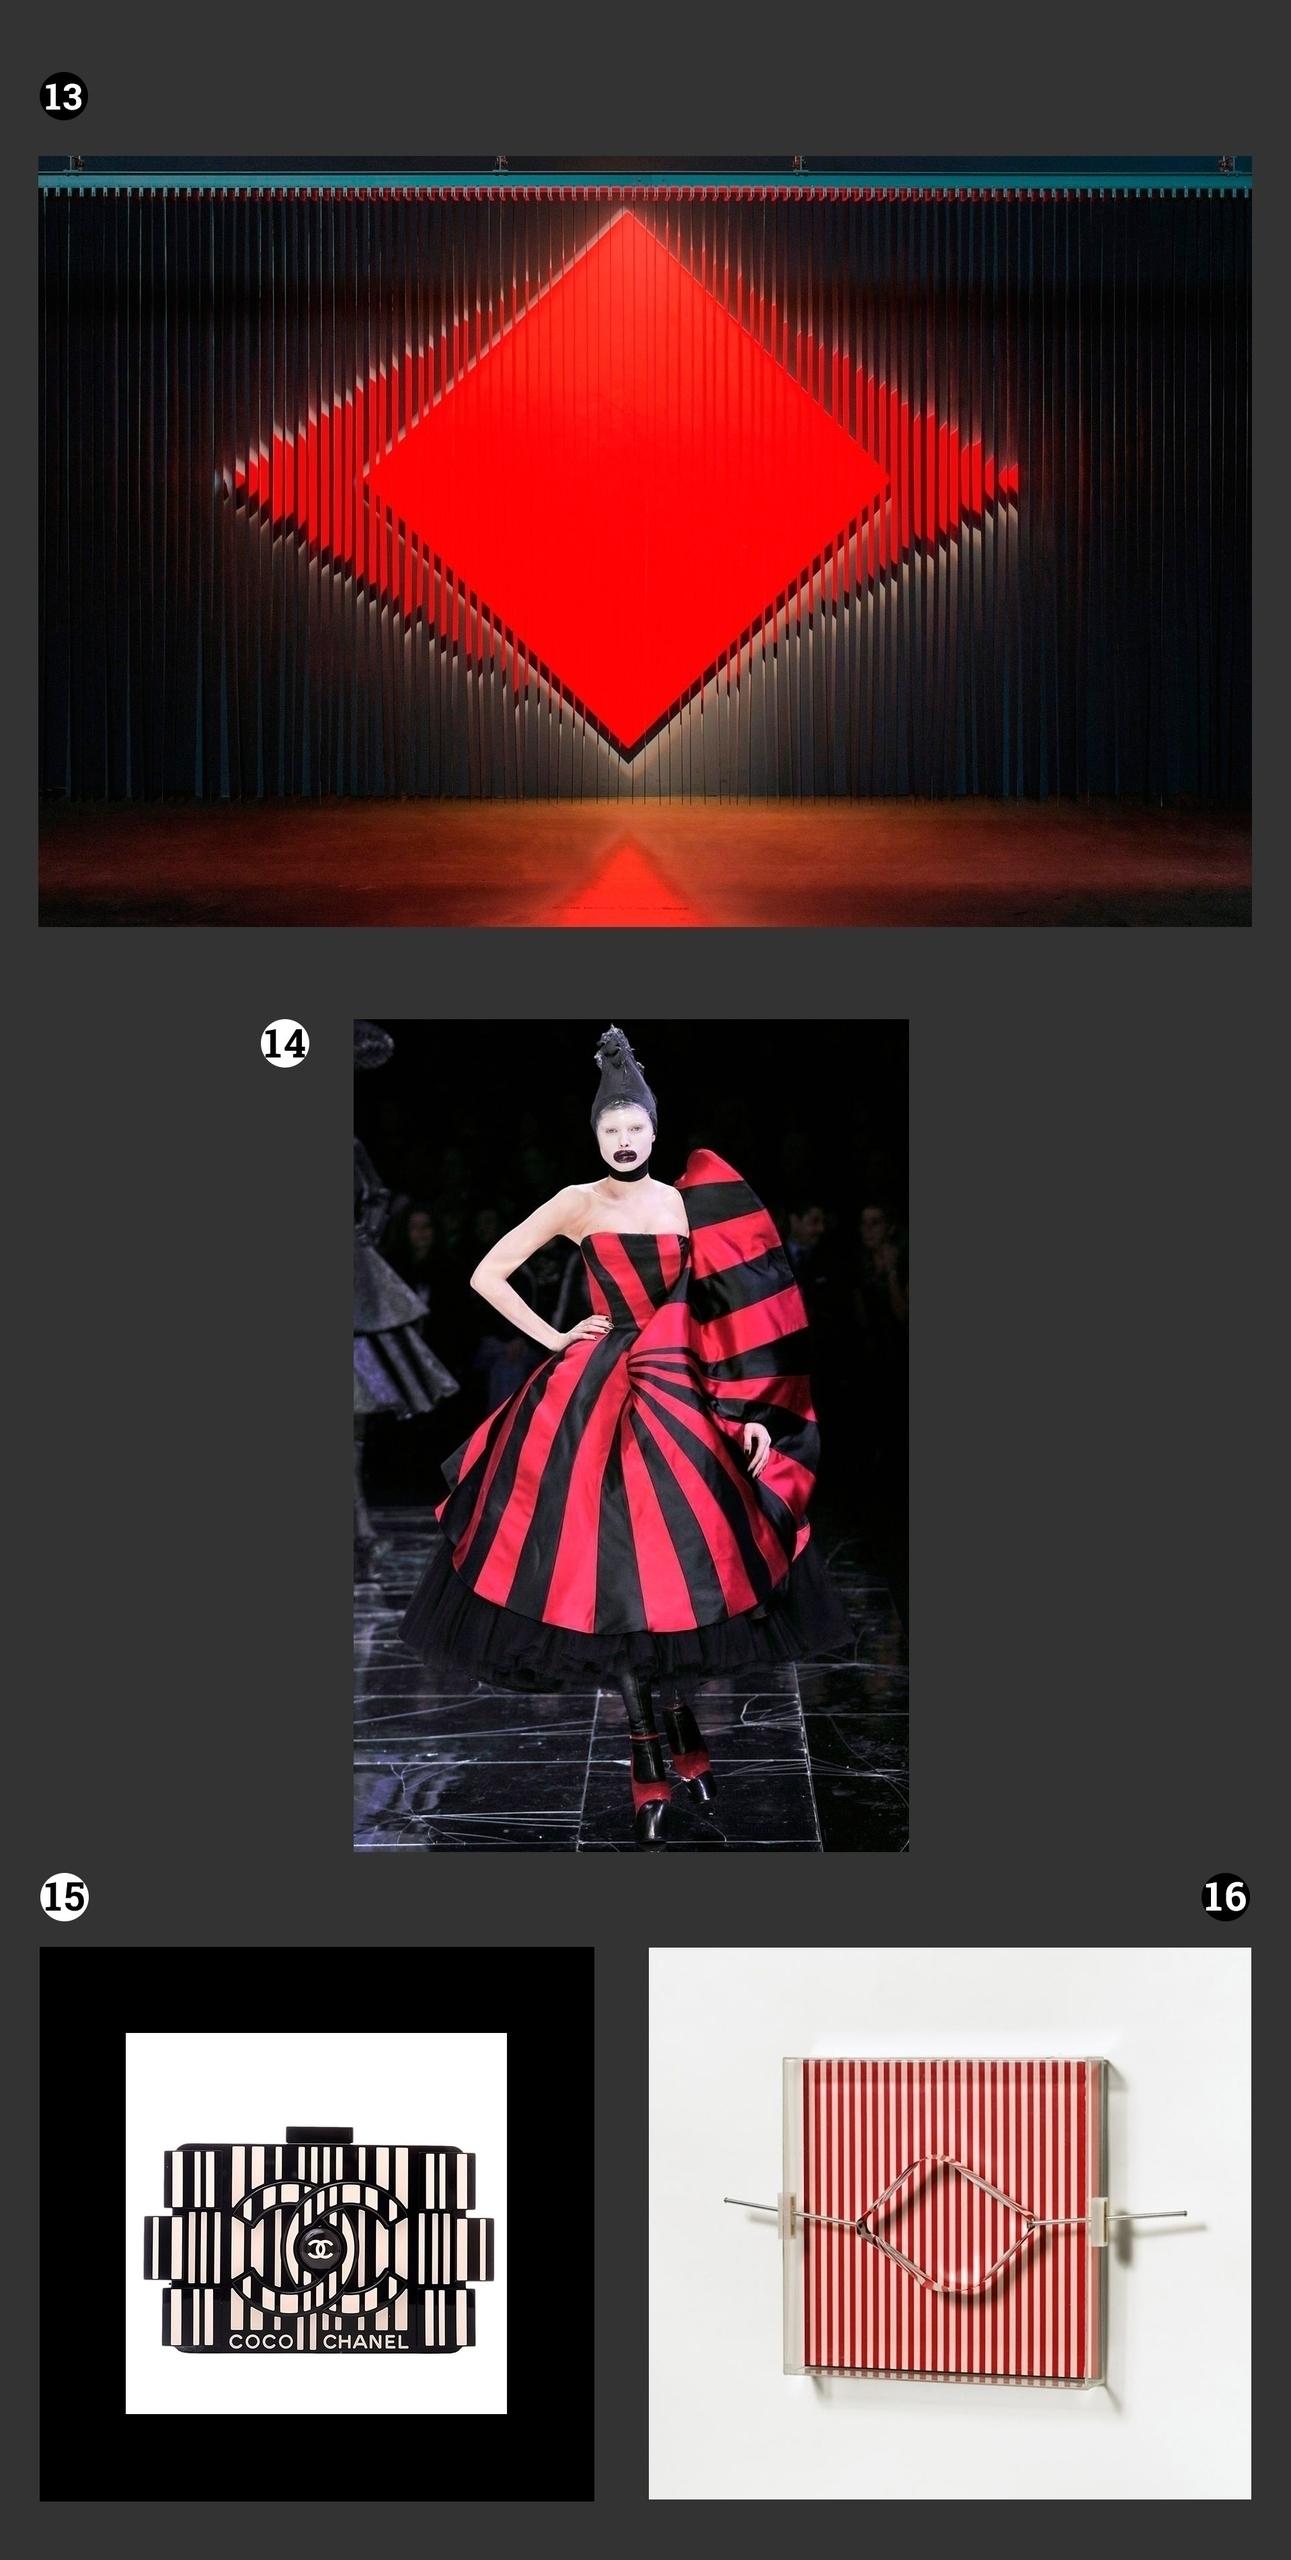 Obraz przedstawia fotografie prac znanych artystów, widzimy też zdjęcie modelki na wybiegu ubranej w suknie w czarno-czerwone pasy.